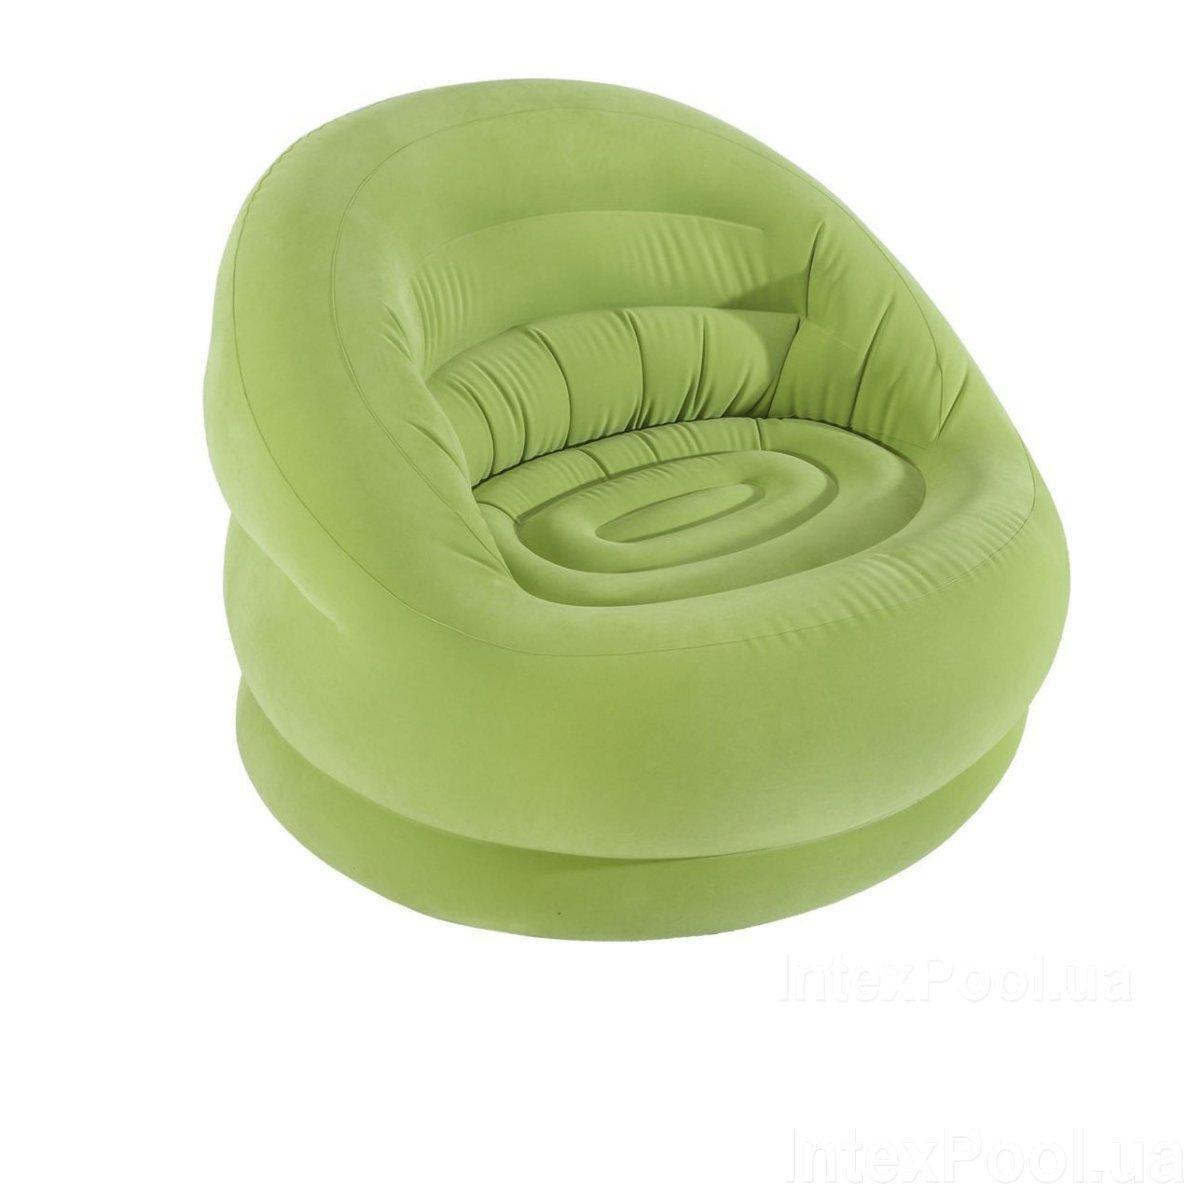 Надувное кресло Intex 68577, 112 см x 104 см x 79 см, зеленое